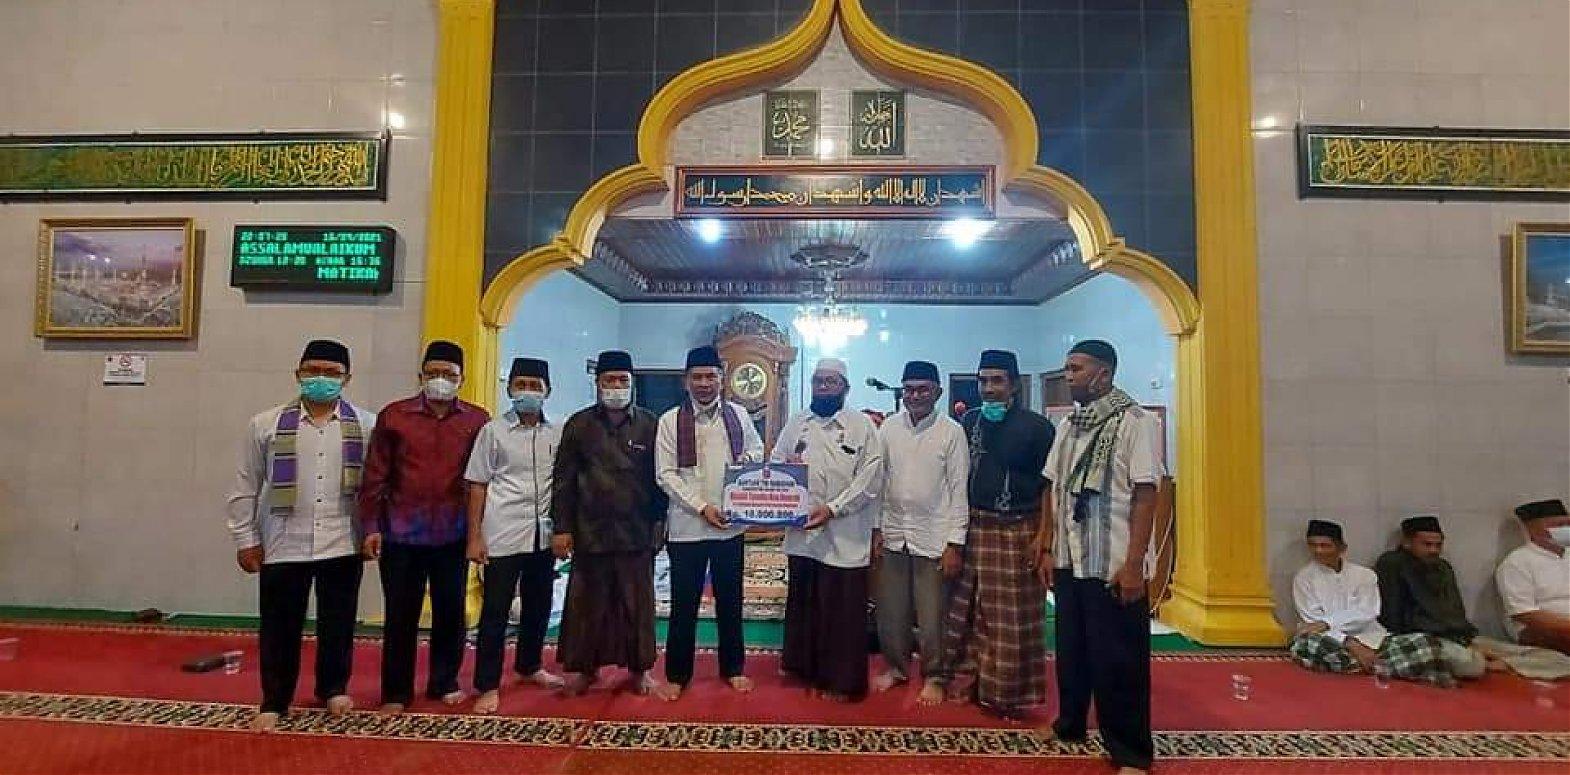 Jalin Silaturahmi, TSR Agam Juga Salurkan Bantuan Untuk Mesjid Tuanku Nan Renceh Kamang Mudiak